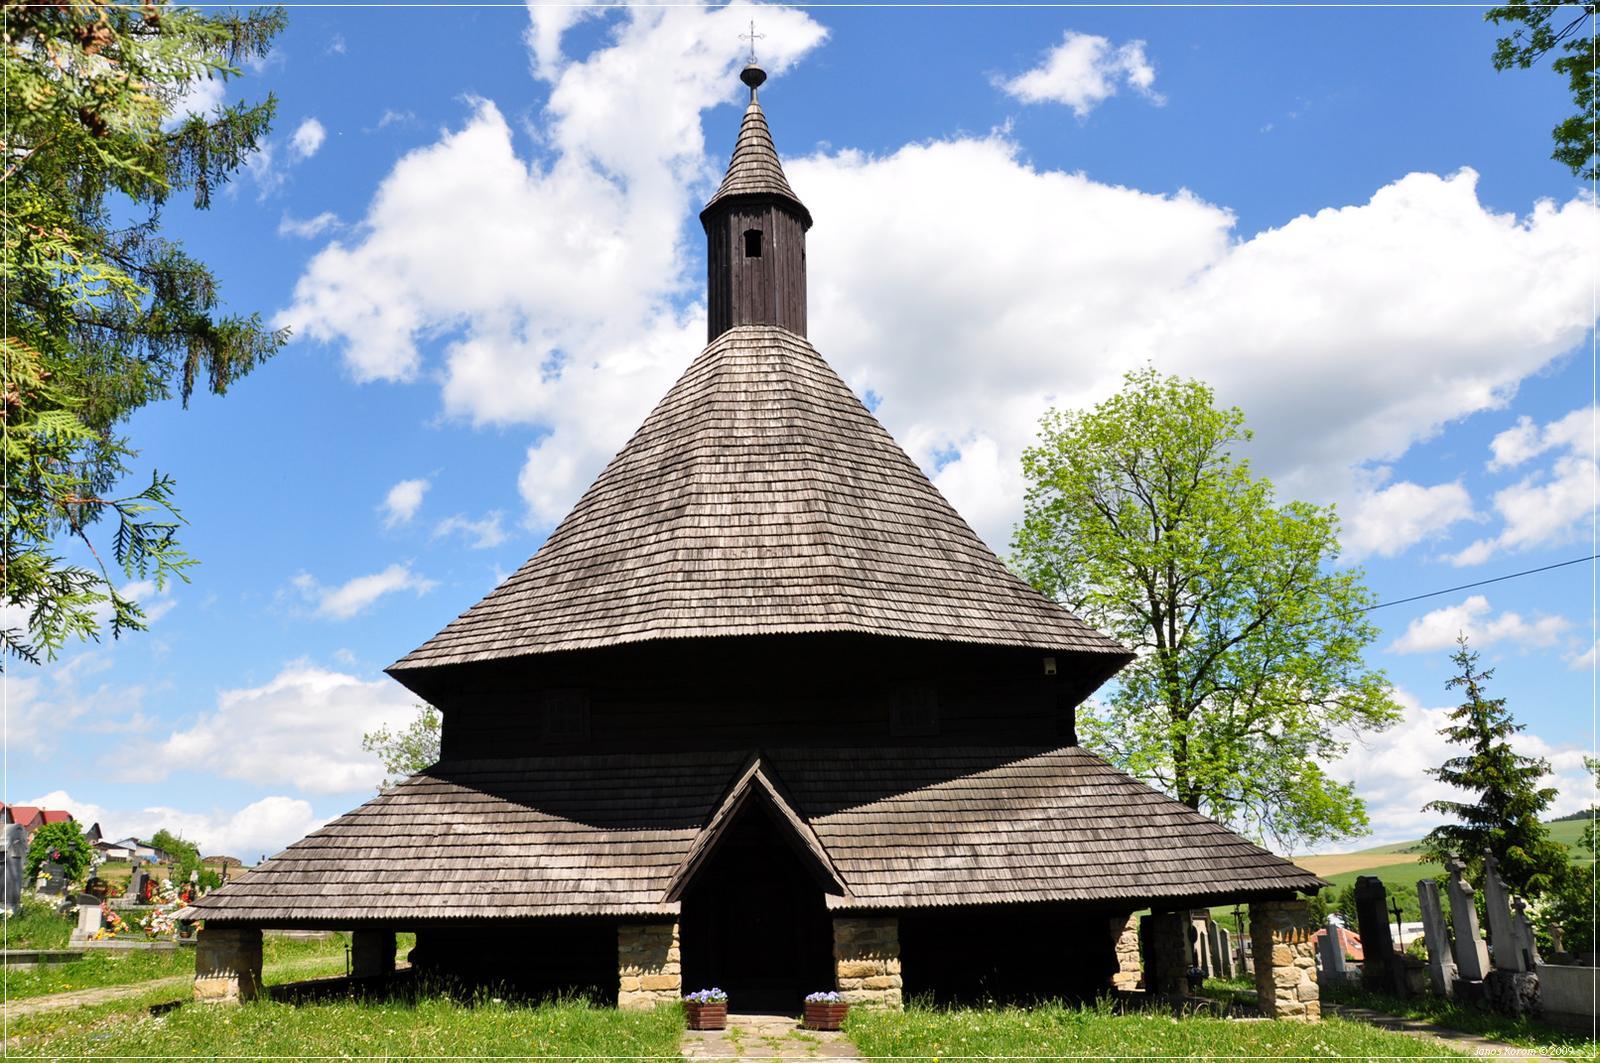 Krásne miesta Slovenska vhodné na svadobné fotenie - Tvrdošín